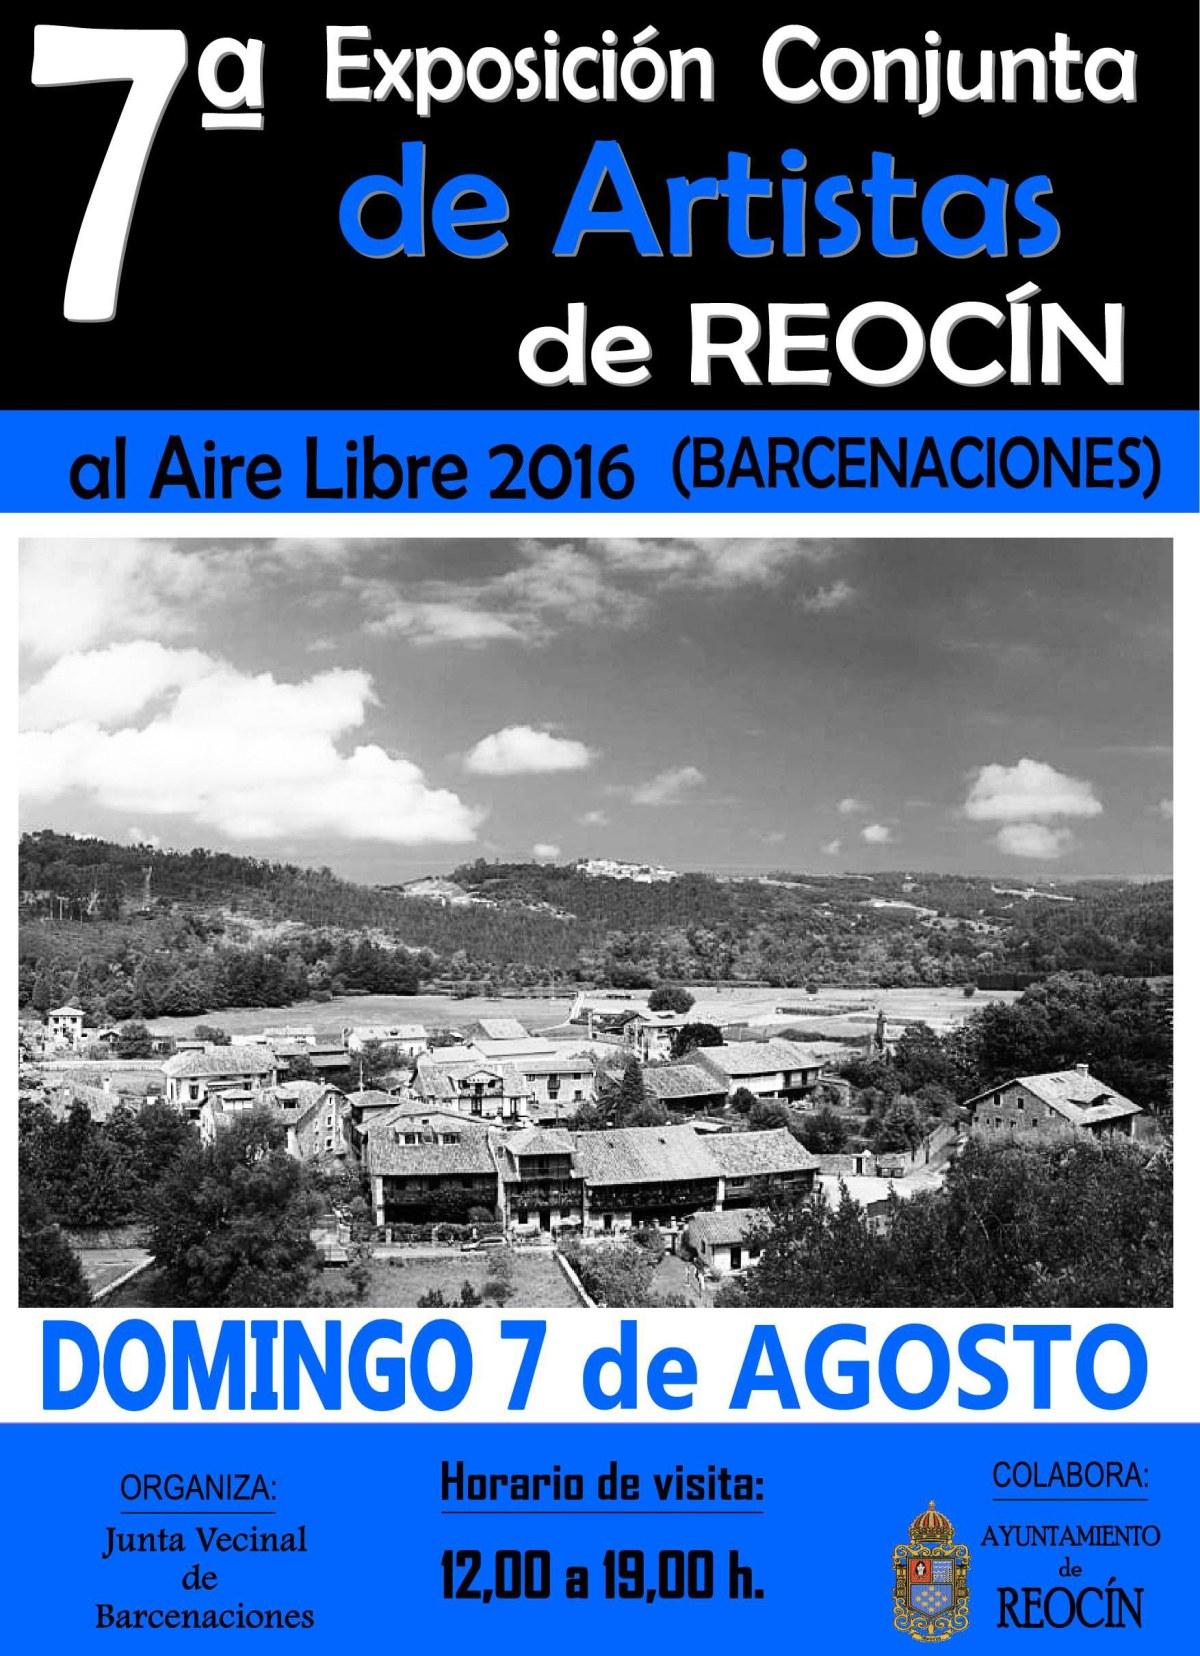 CARTEL 7ª EXPOSICION CONJUNTA DE ARTISTAS REOCIN 2016